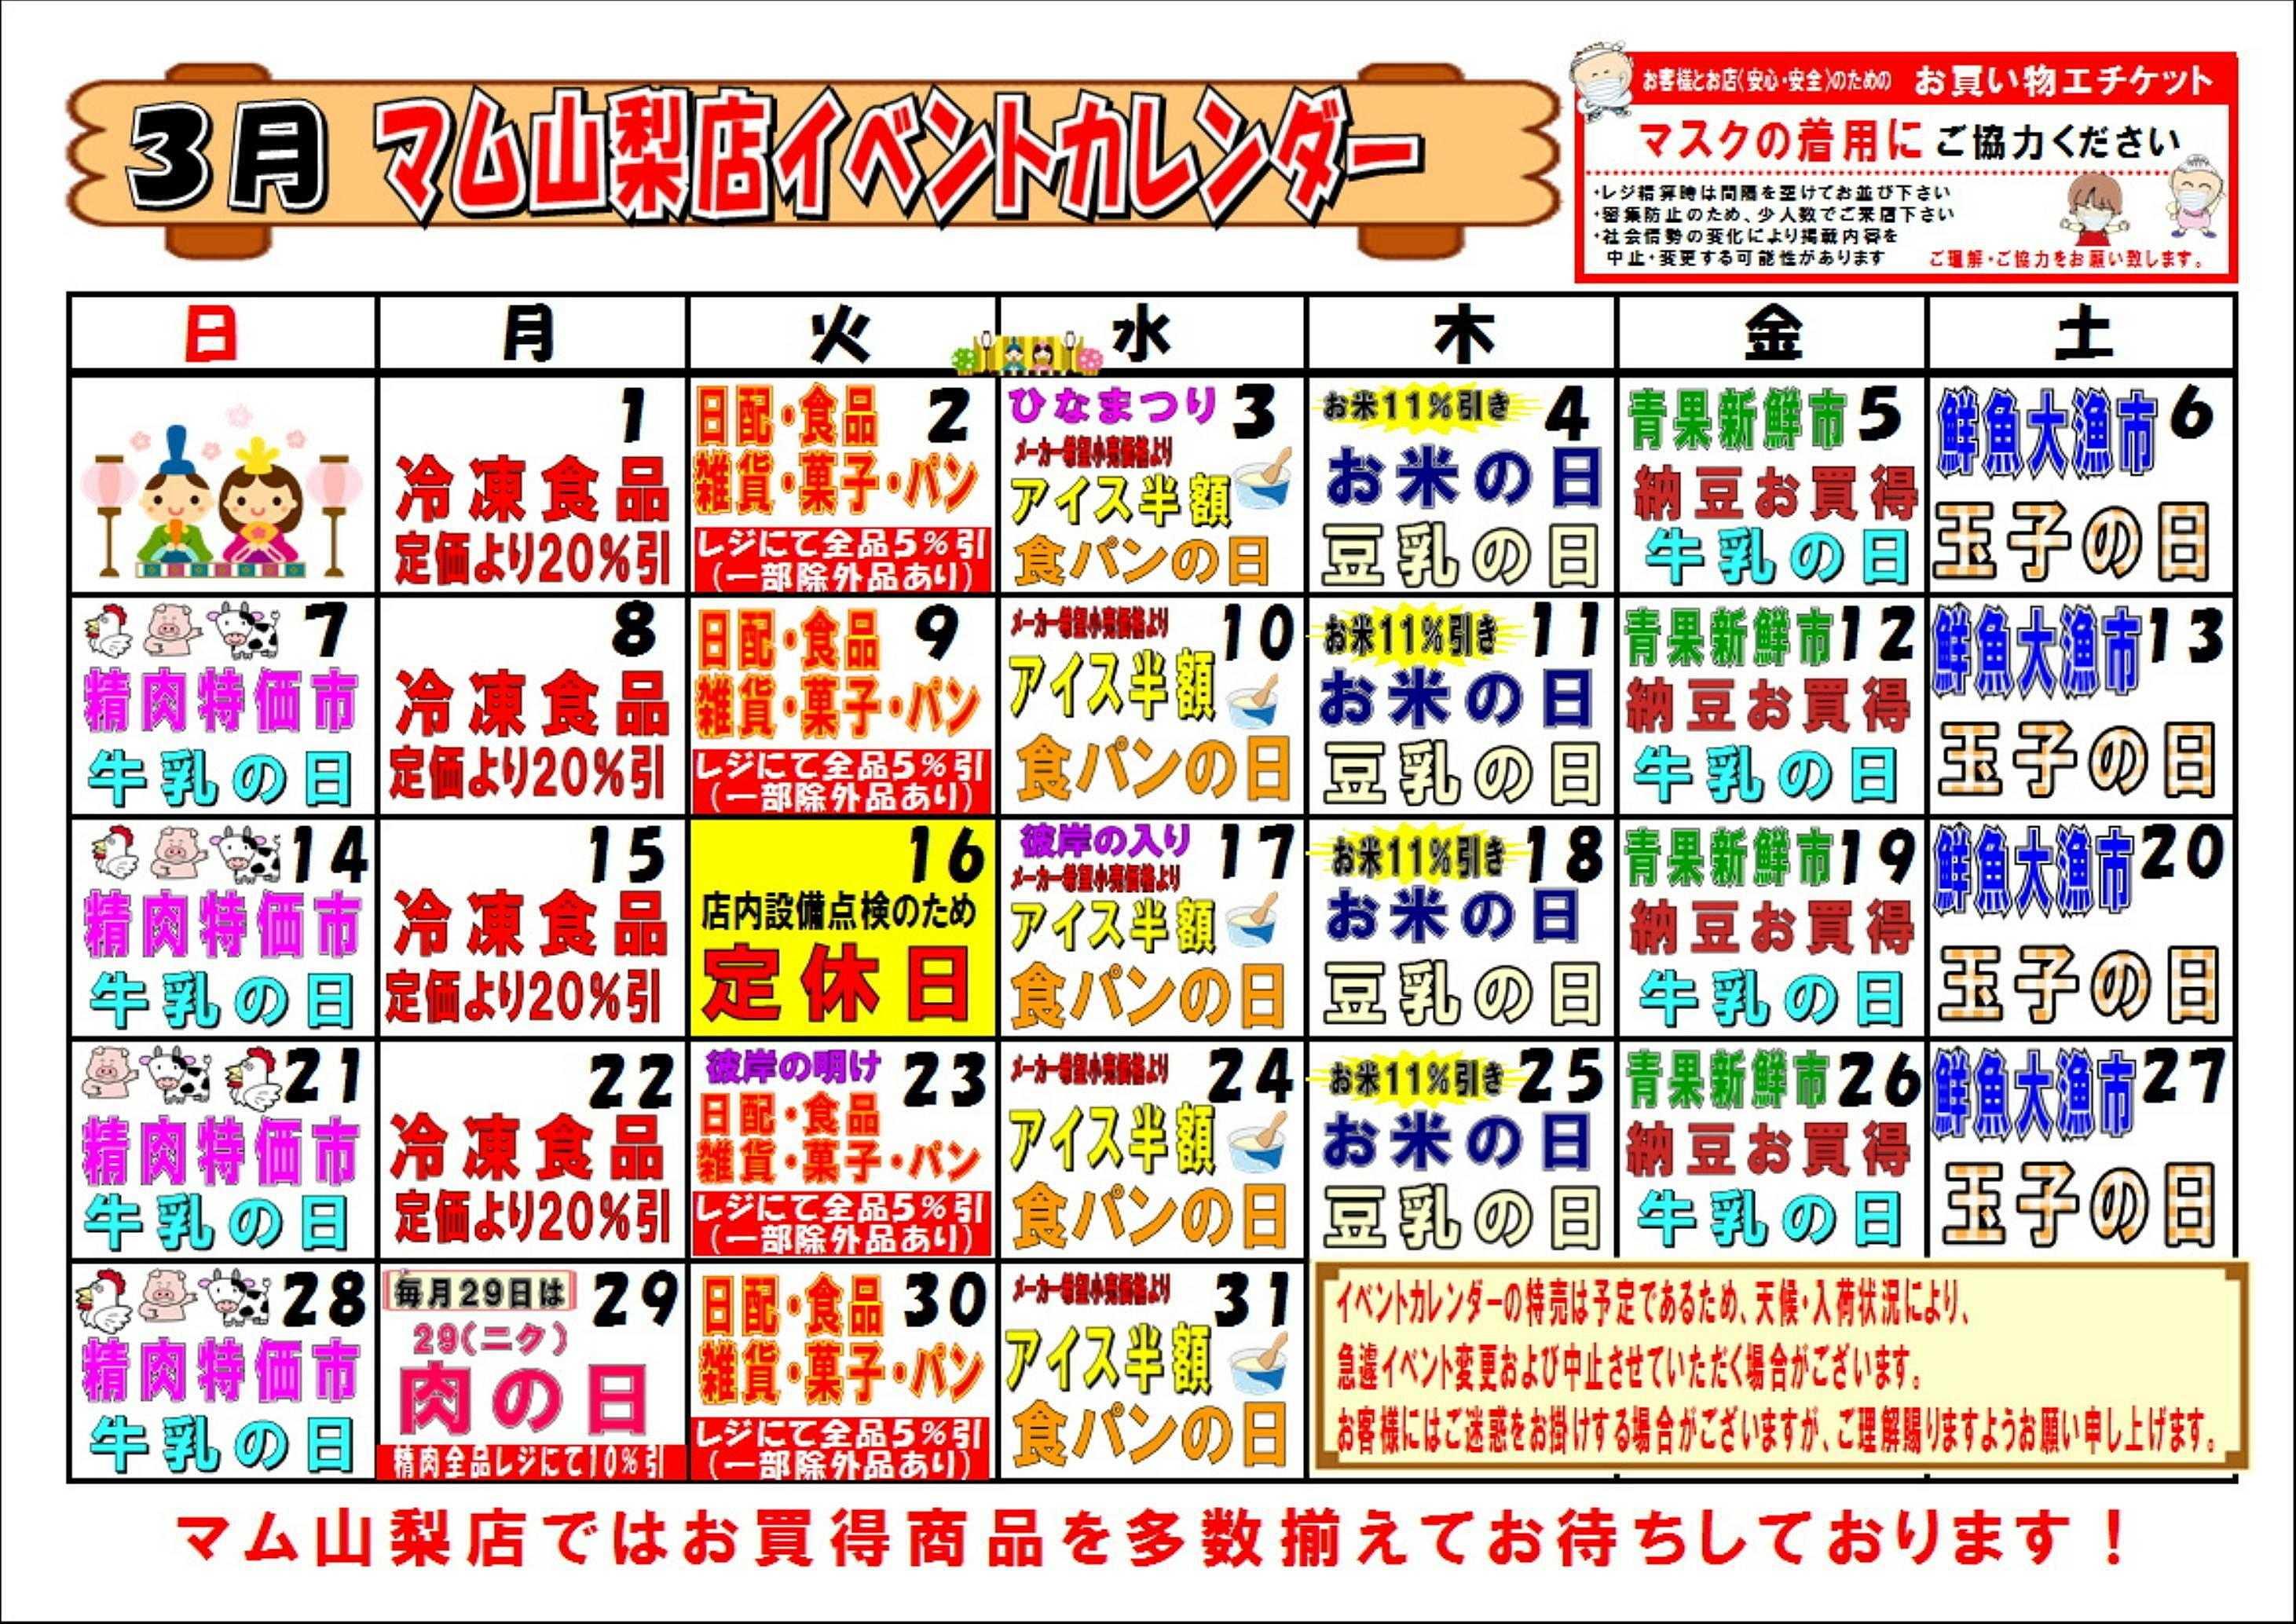 フードマーケット マム 山梨店 3月イベントカレンダー